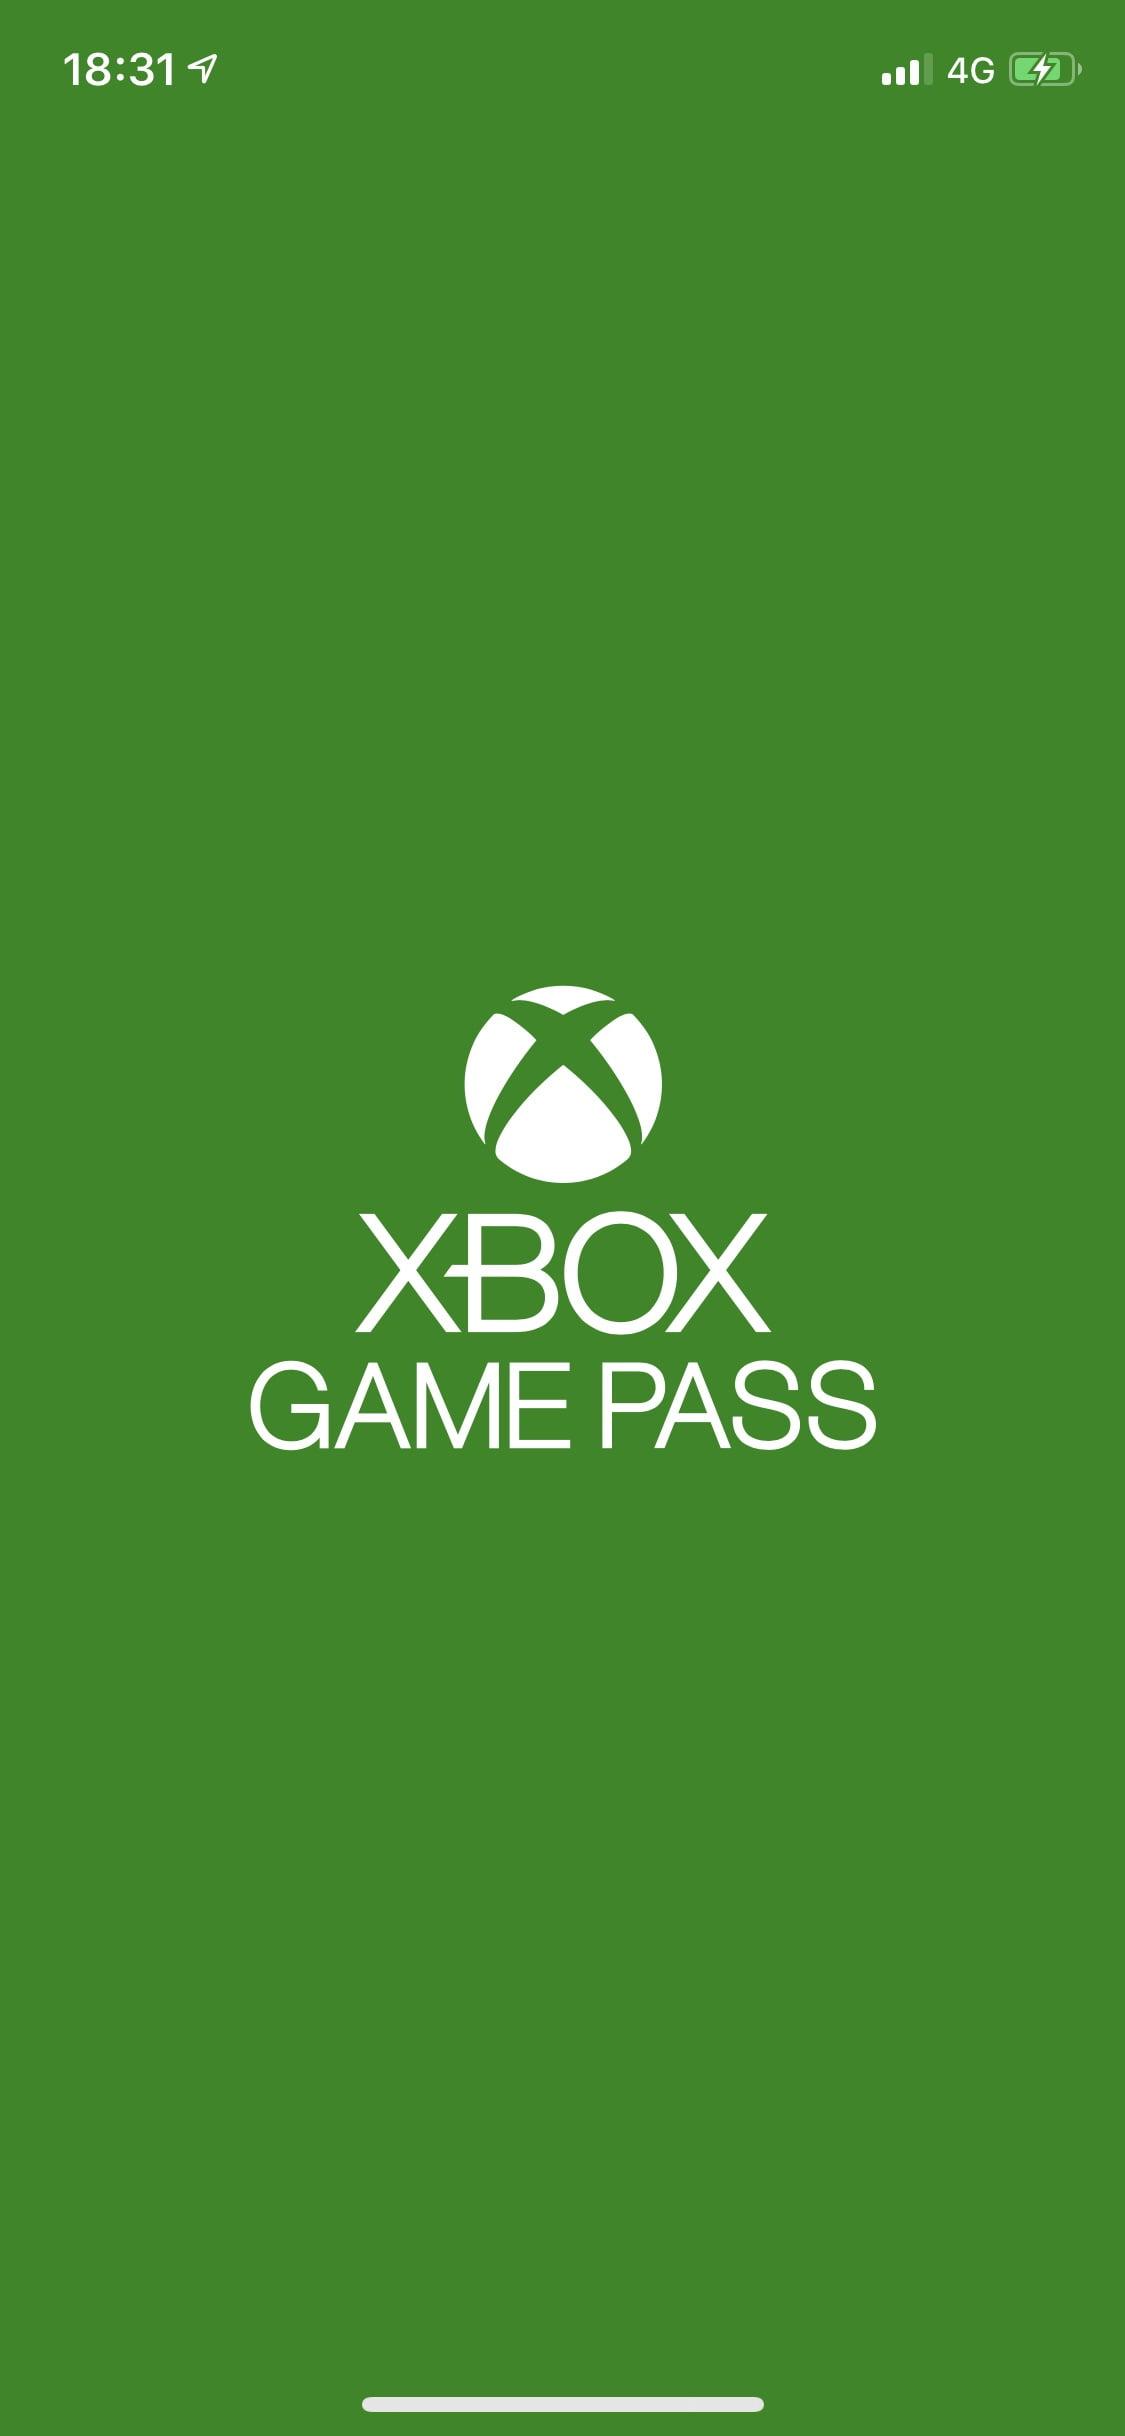 Pantalla inicial de la aplicación de Xbox Game Pass para iOS